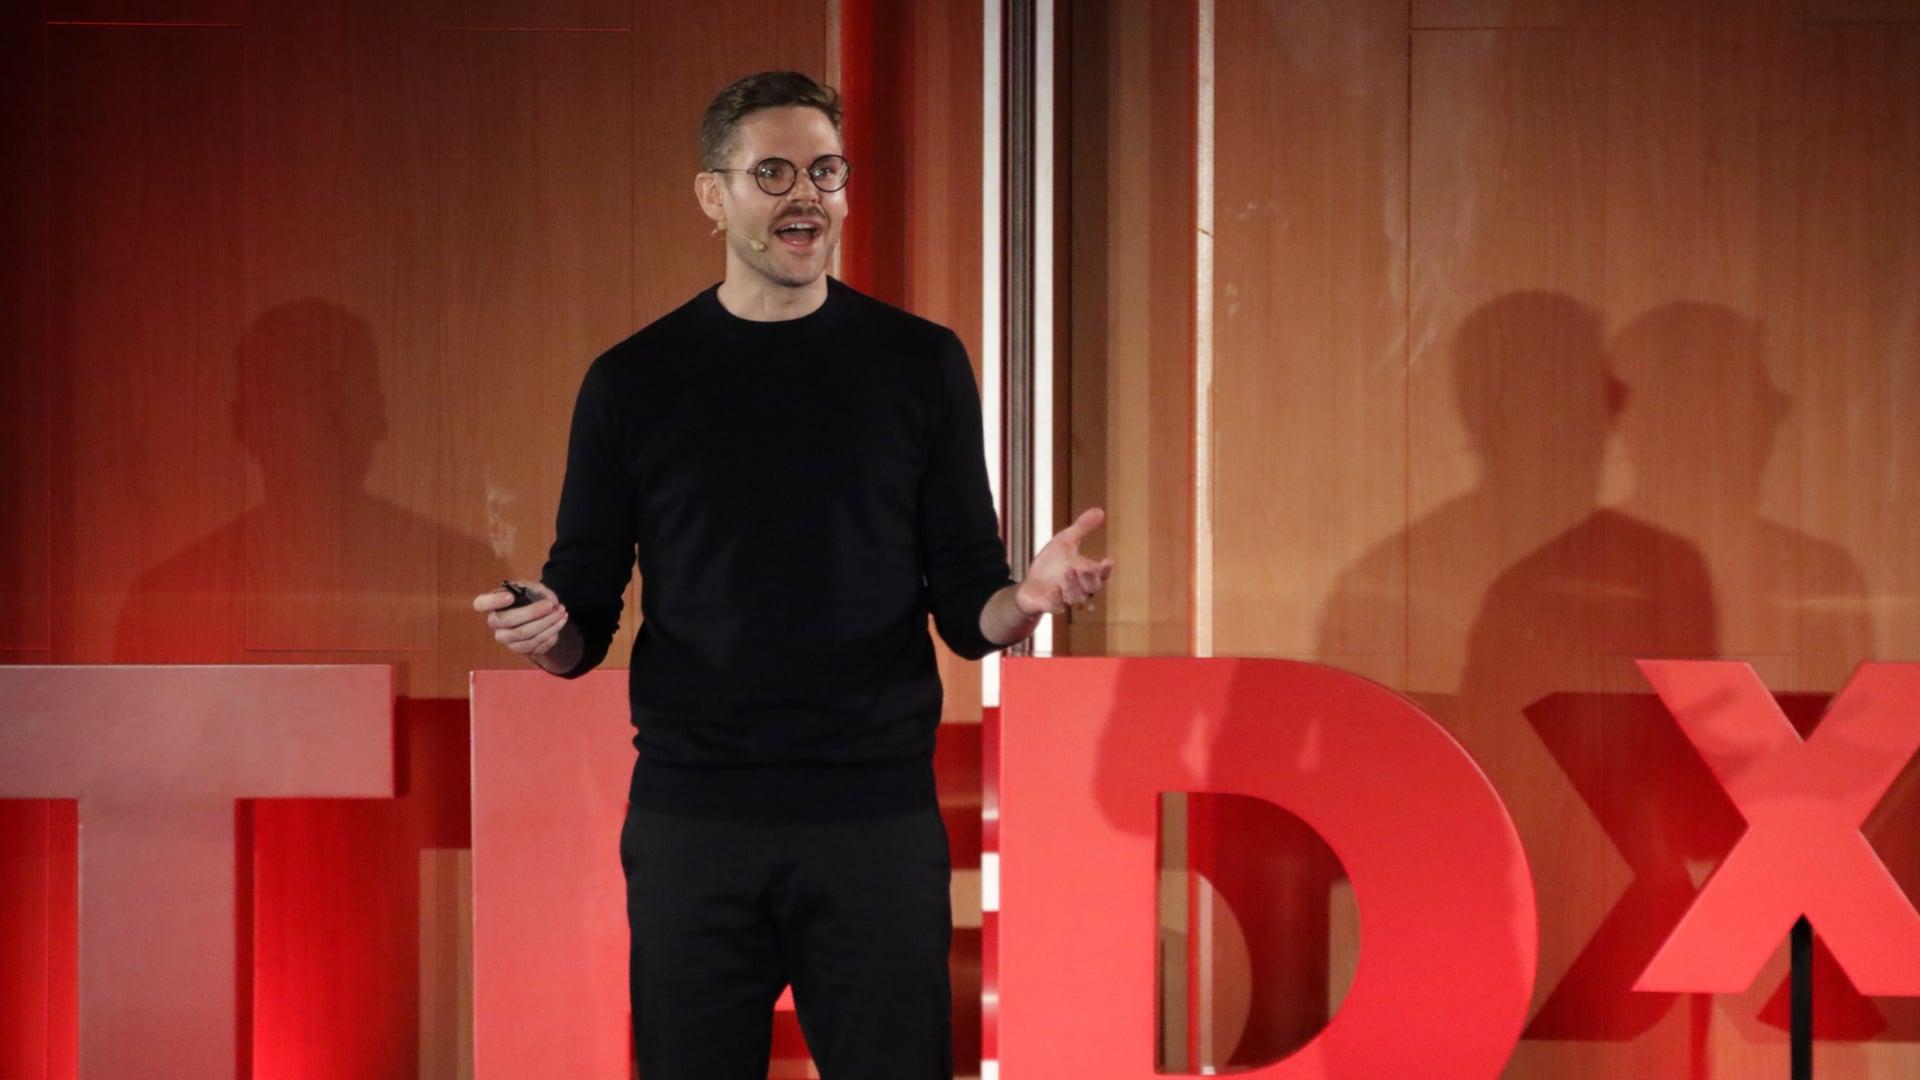 TEDx. Nis Nørgaard - How to create a genderless voice.